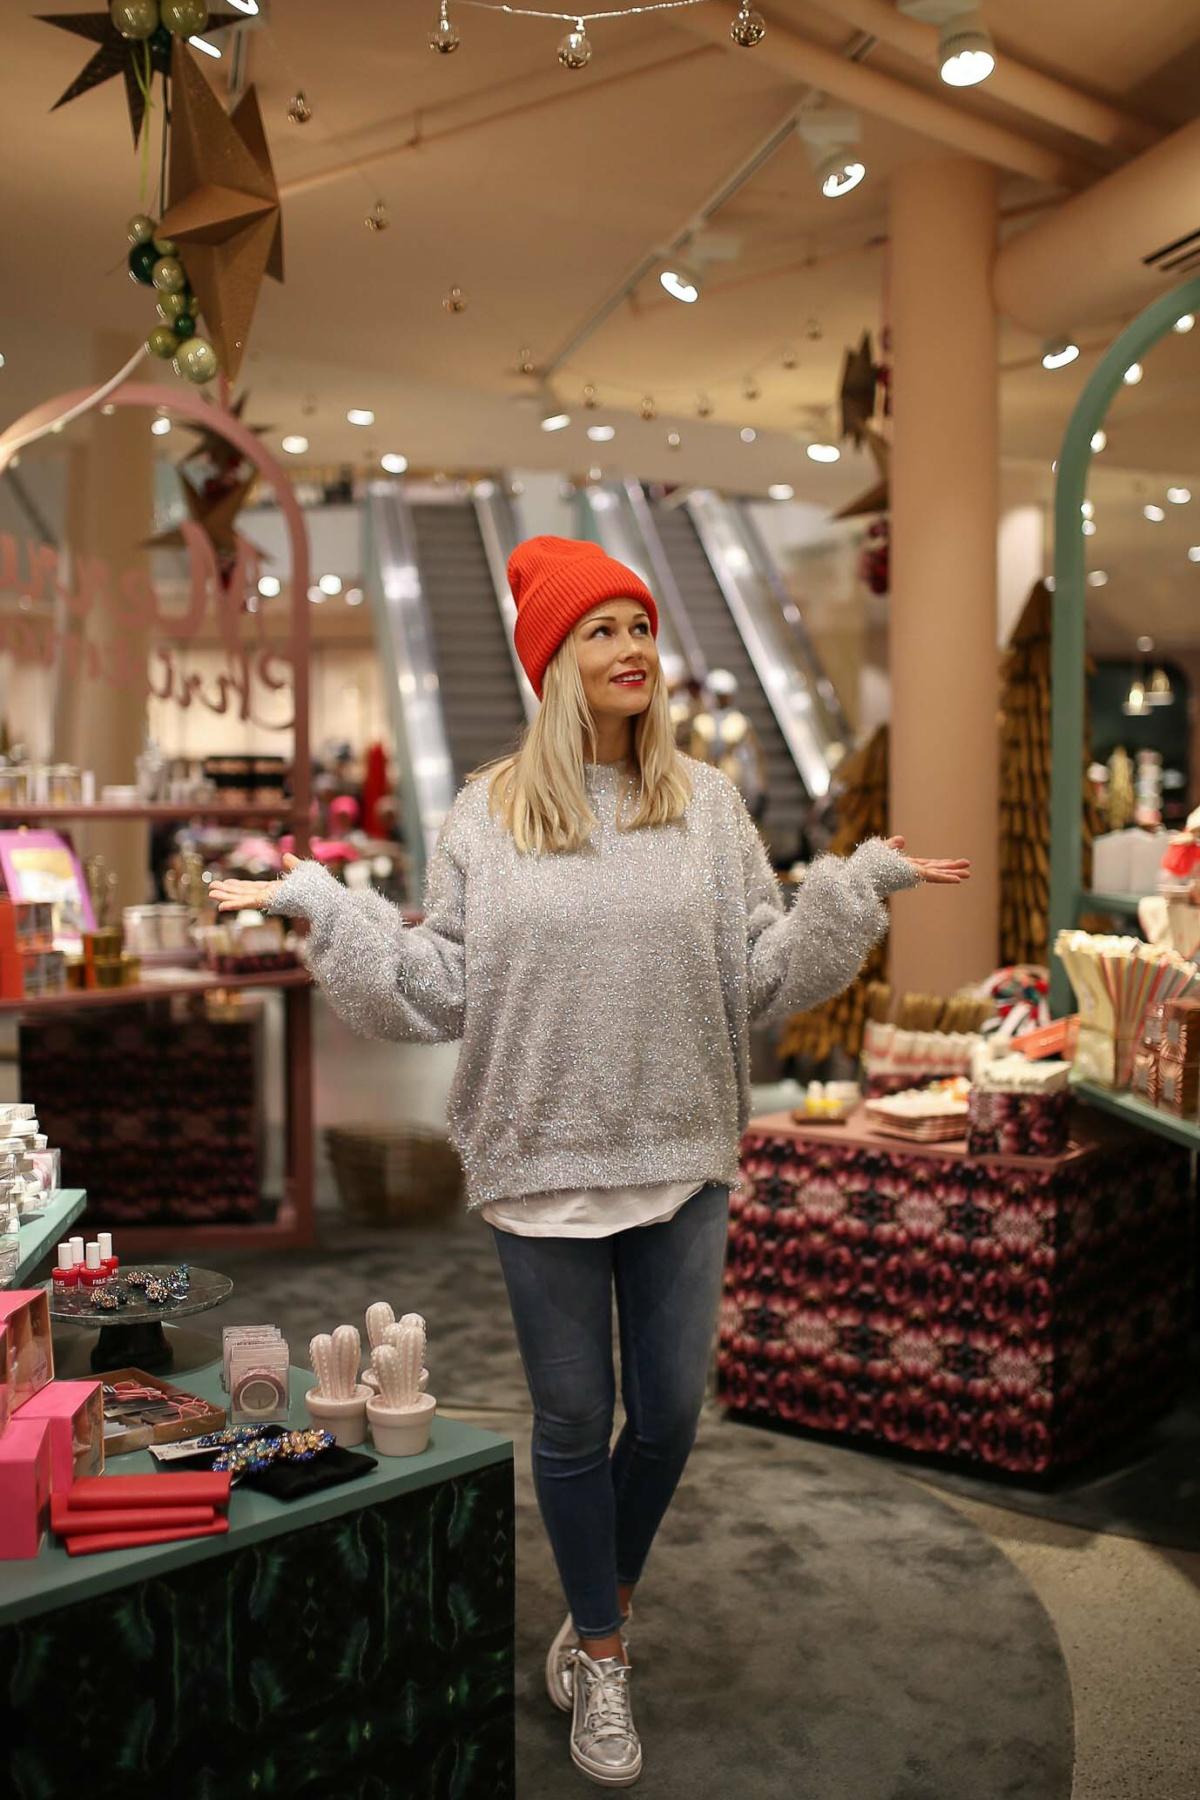 stylingliebe-lifestyleblogger-fashionblog-muenchen-styleblog-munich-blogger-deutschland-fashionblogger-lifestyleblog-modeblog-der-weihnachtsmarkt-im-konen-modehaus-geschenkideen-5